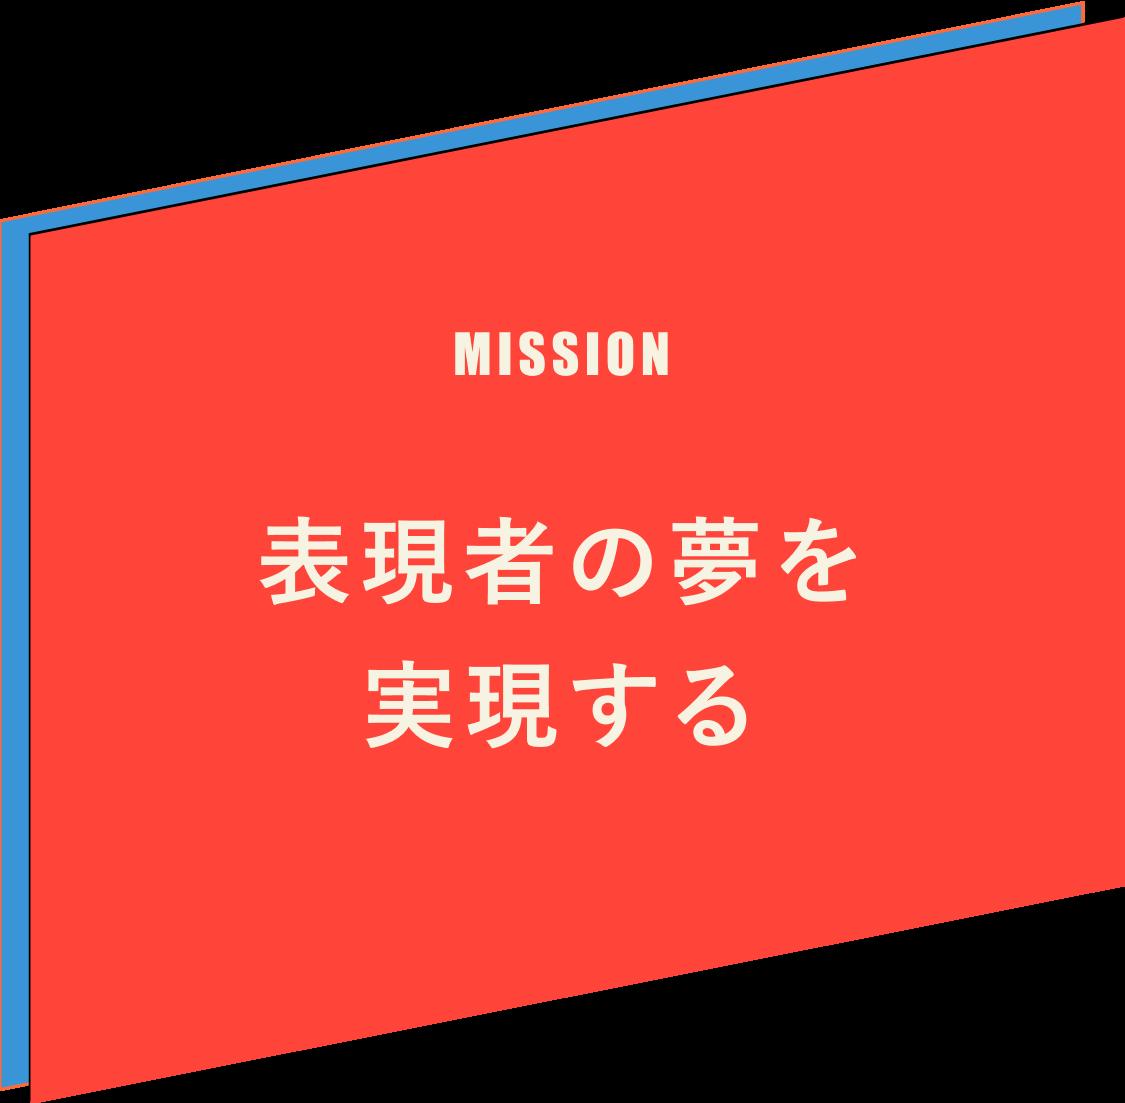 ミッションバナー